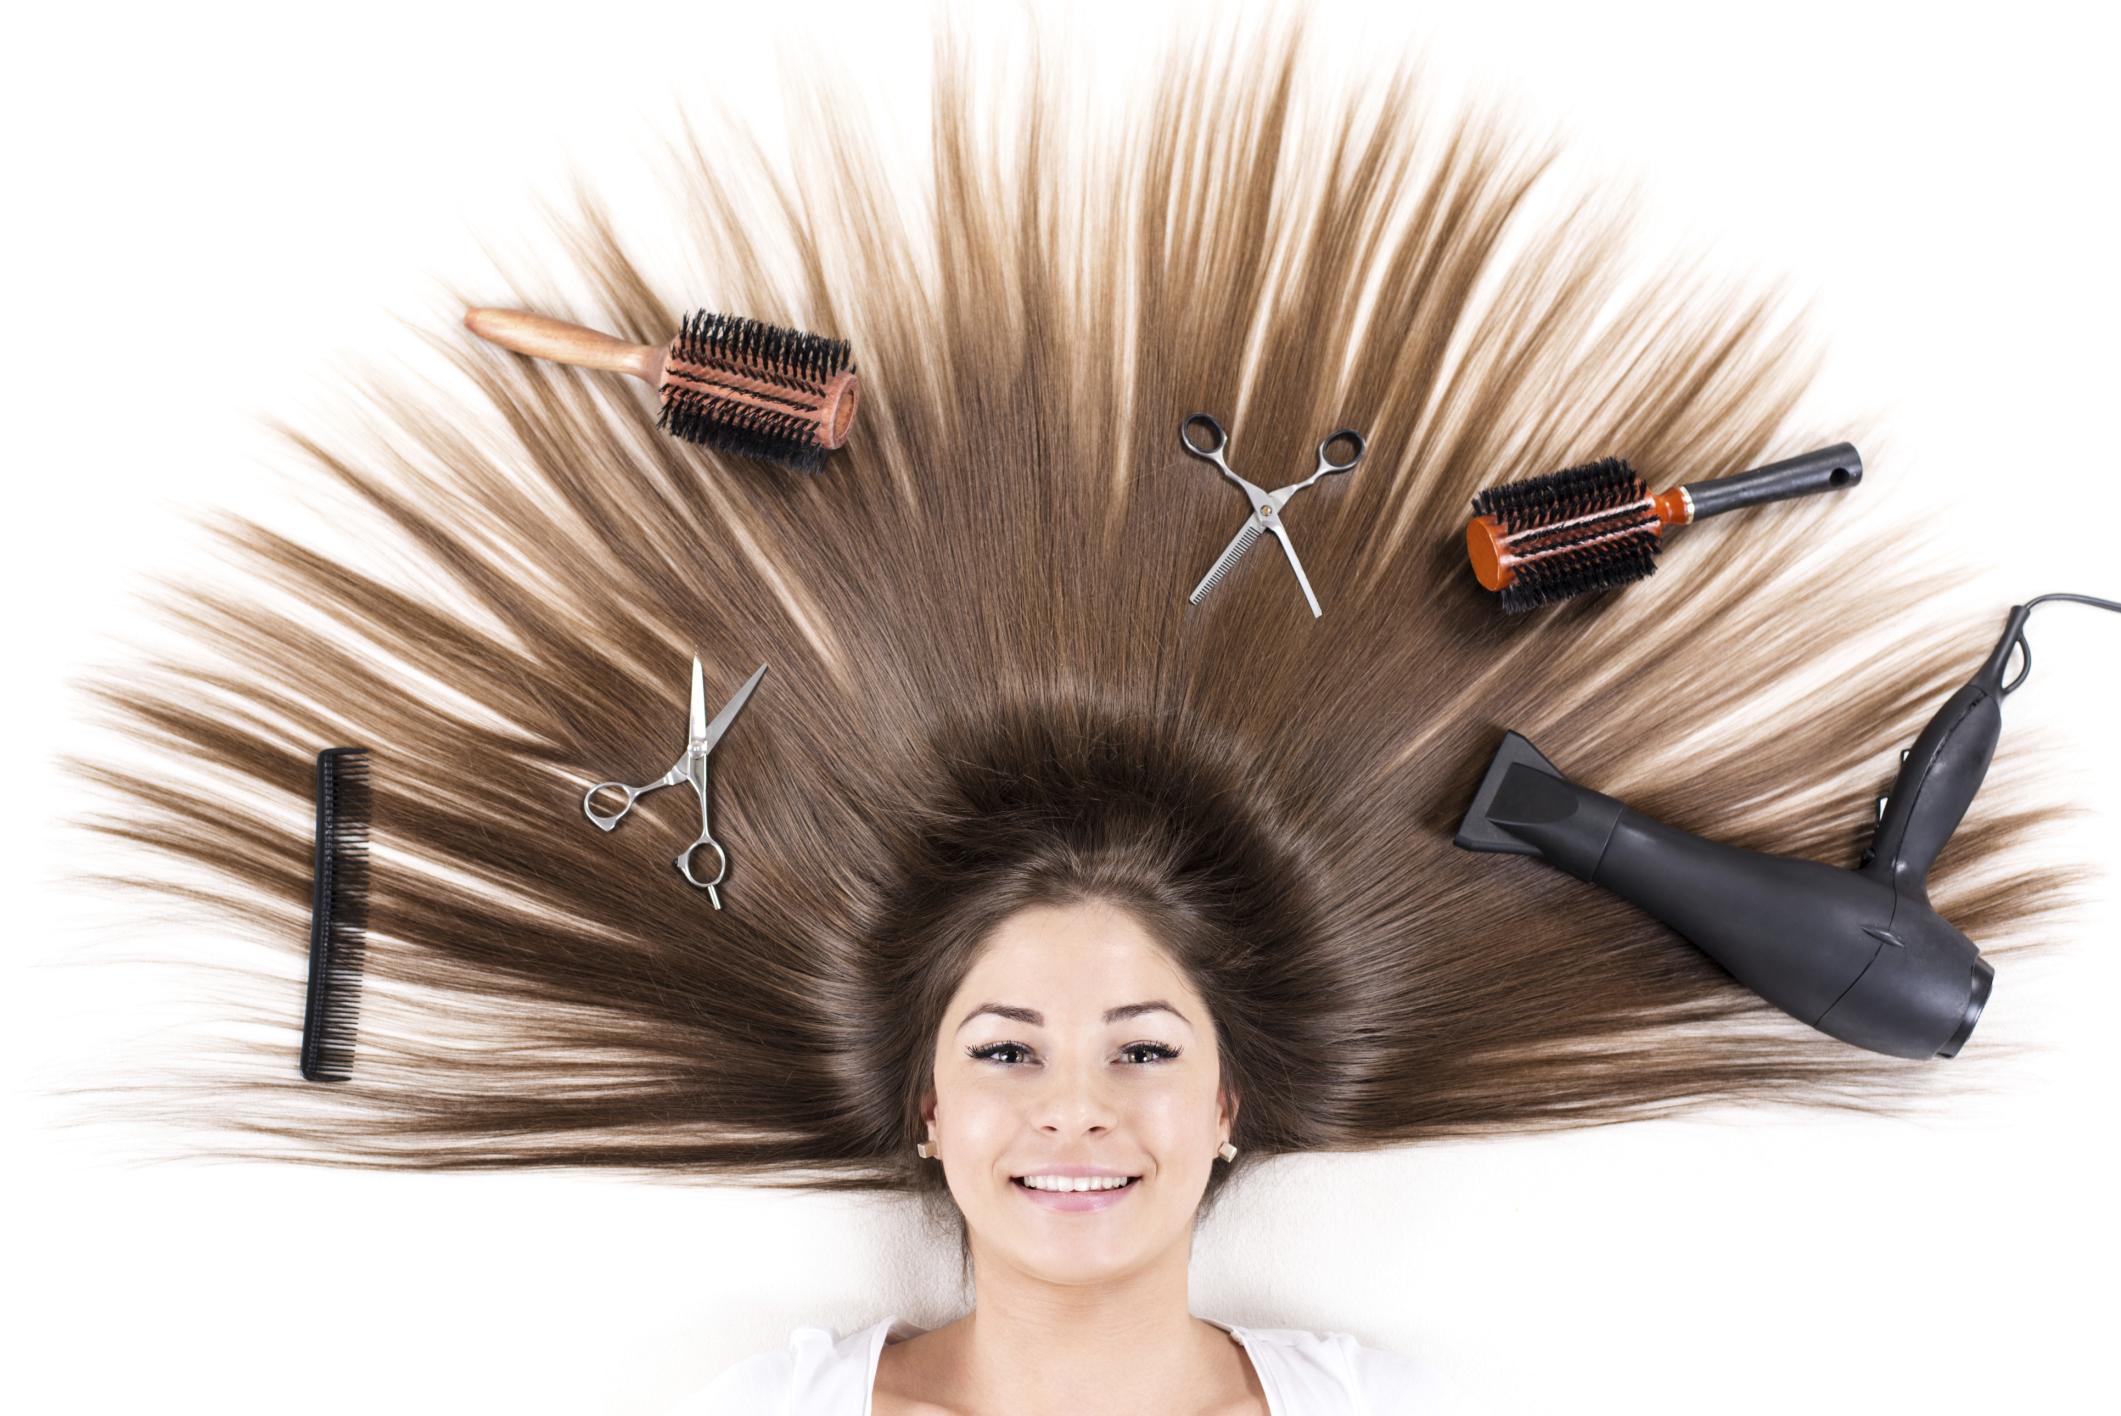 Fén na vlasy: Ušetrite si čas výberom najlepšieho fénu na vlasy